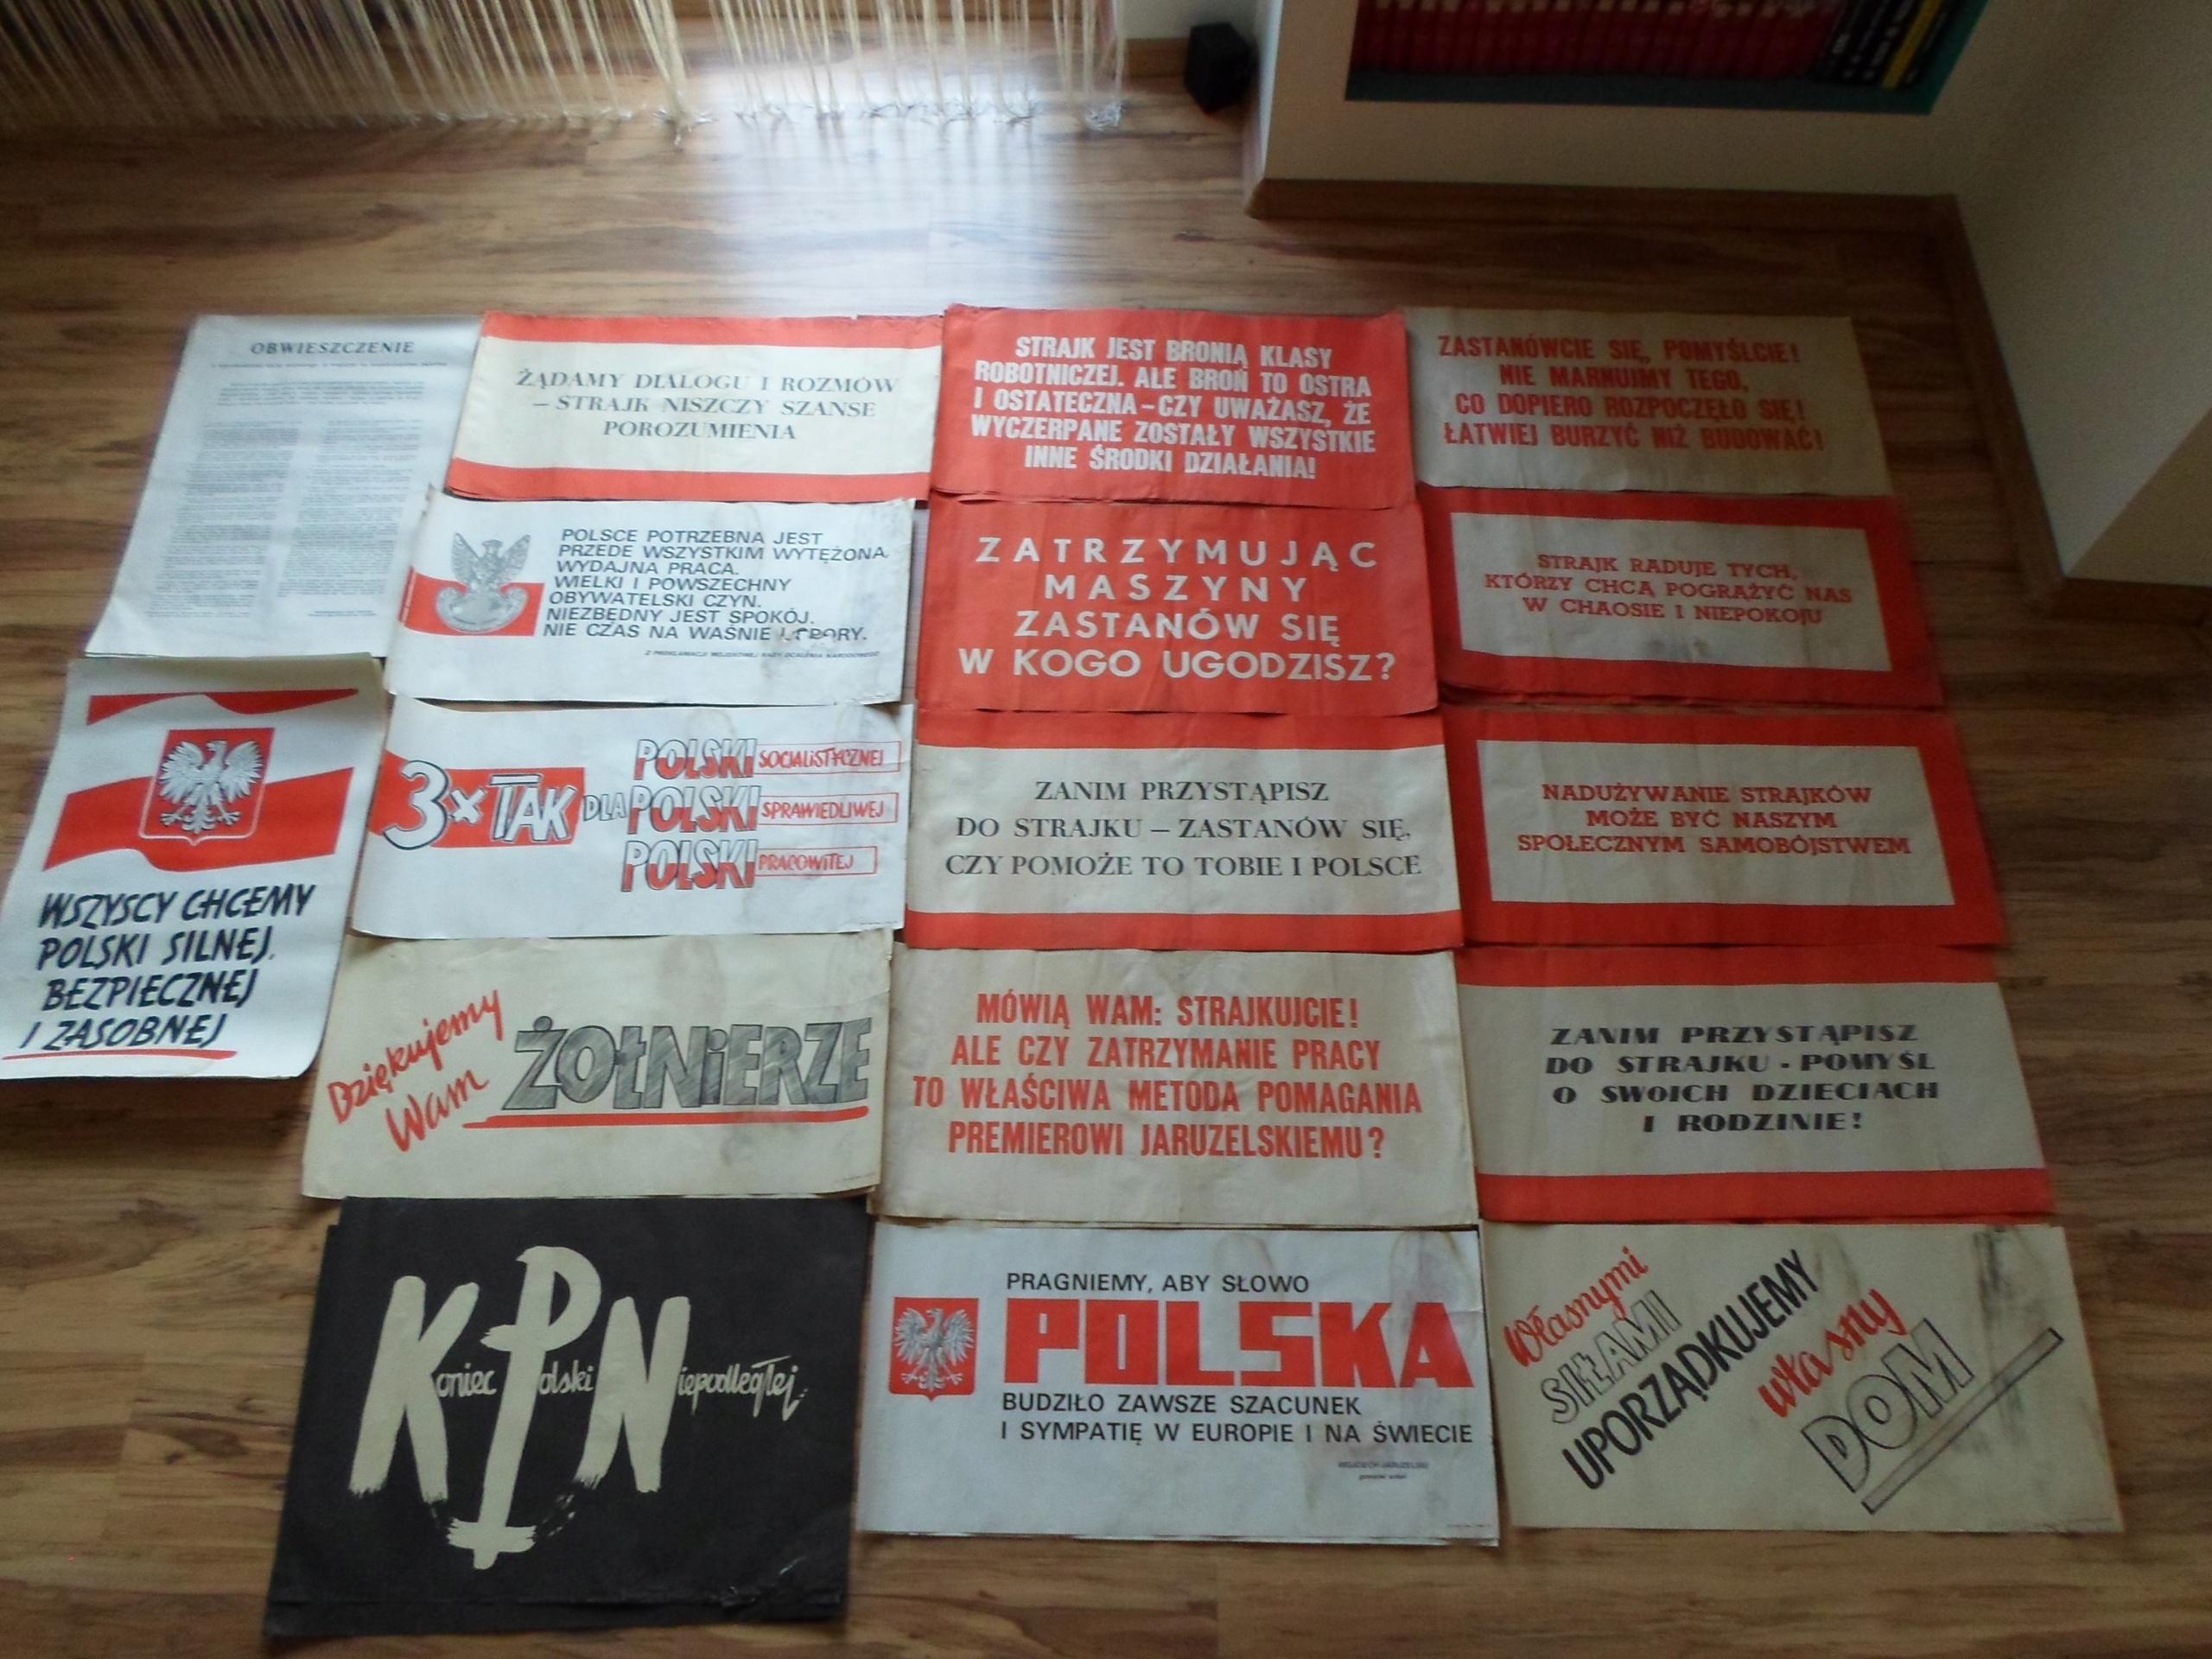 Stare Plakaty Pzpr U Orginały Lata 80 Unikat